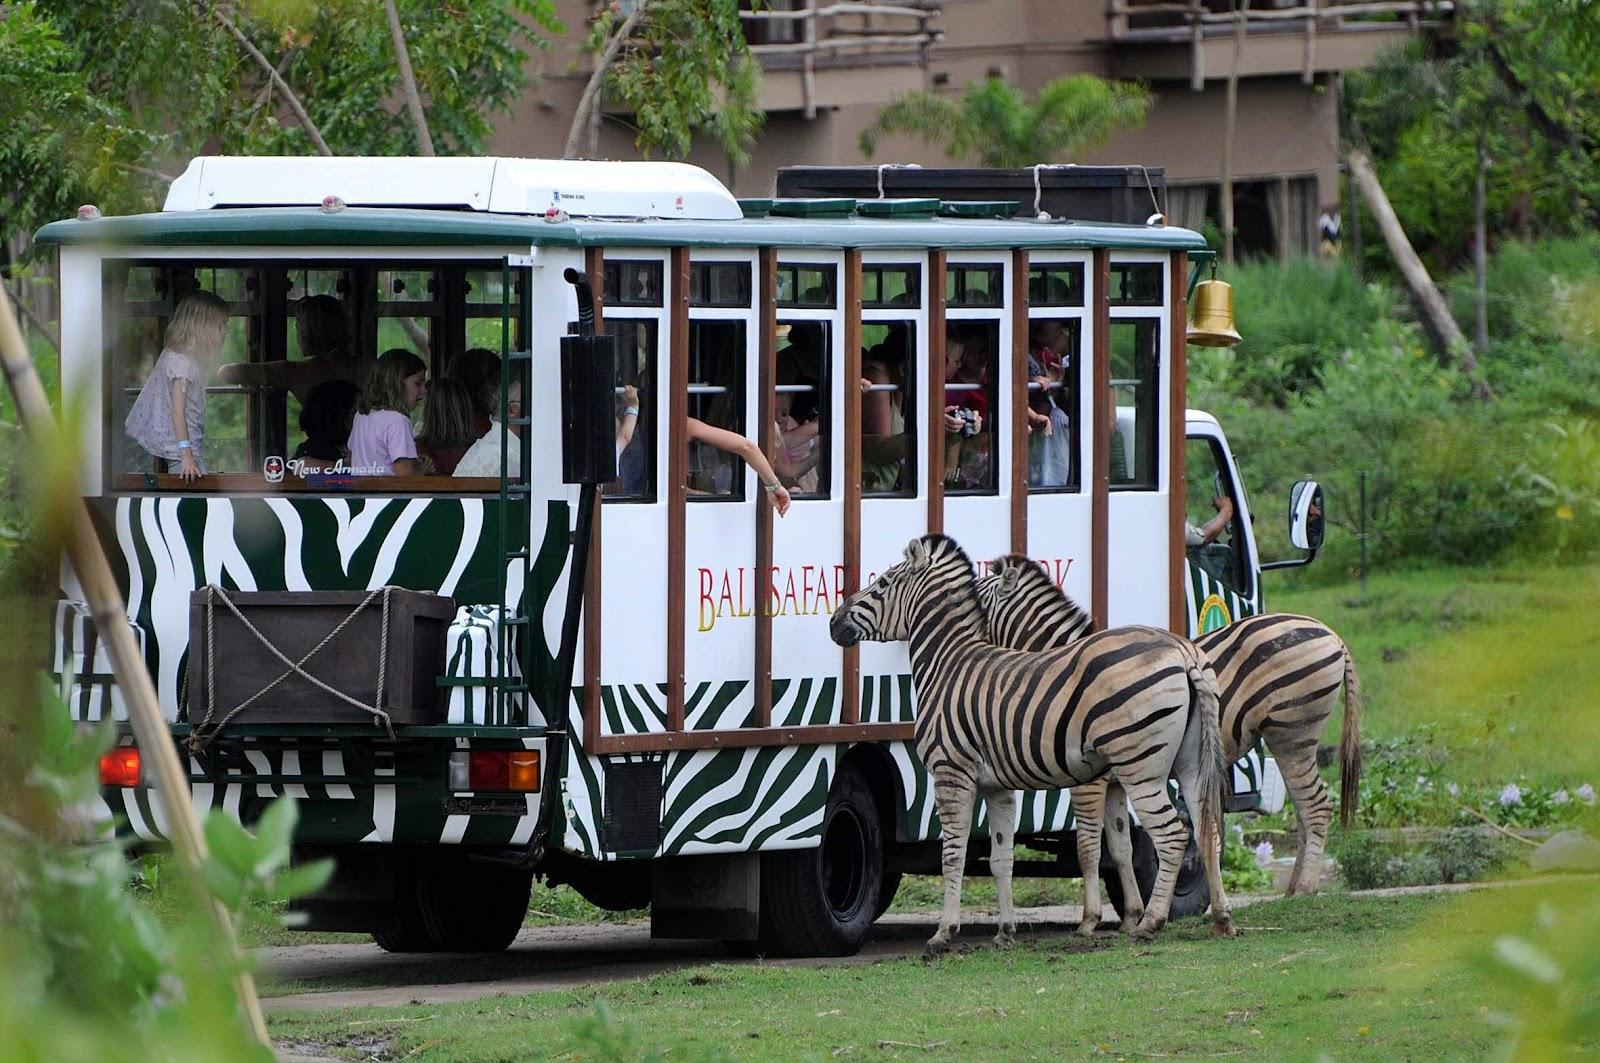 Safari bus on bali safari